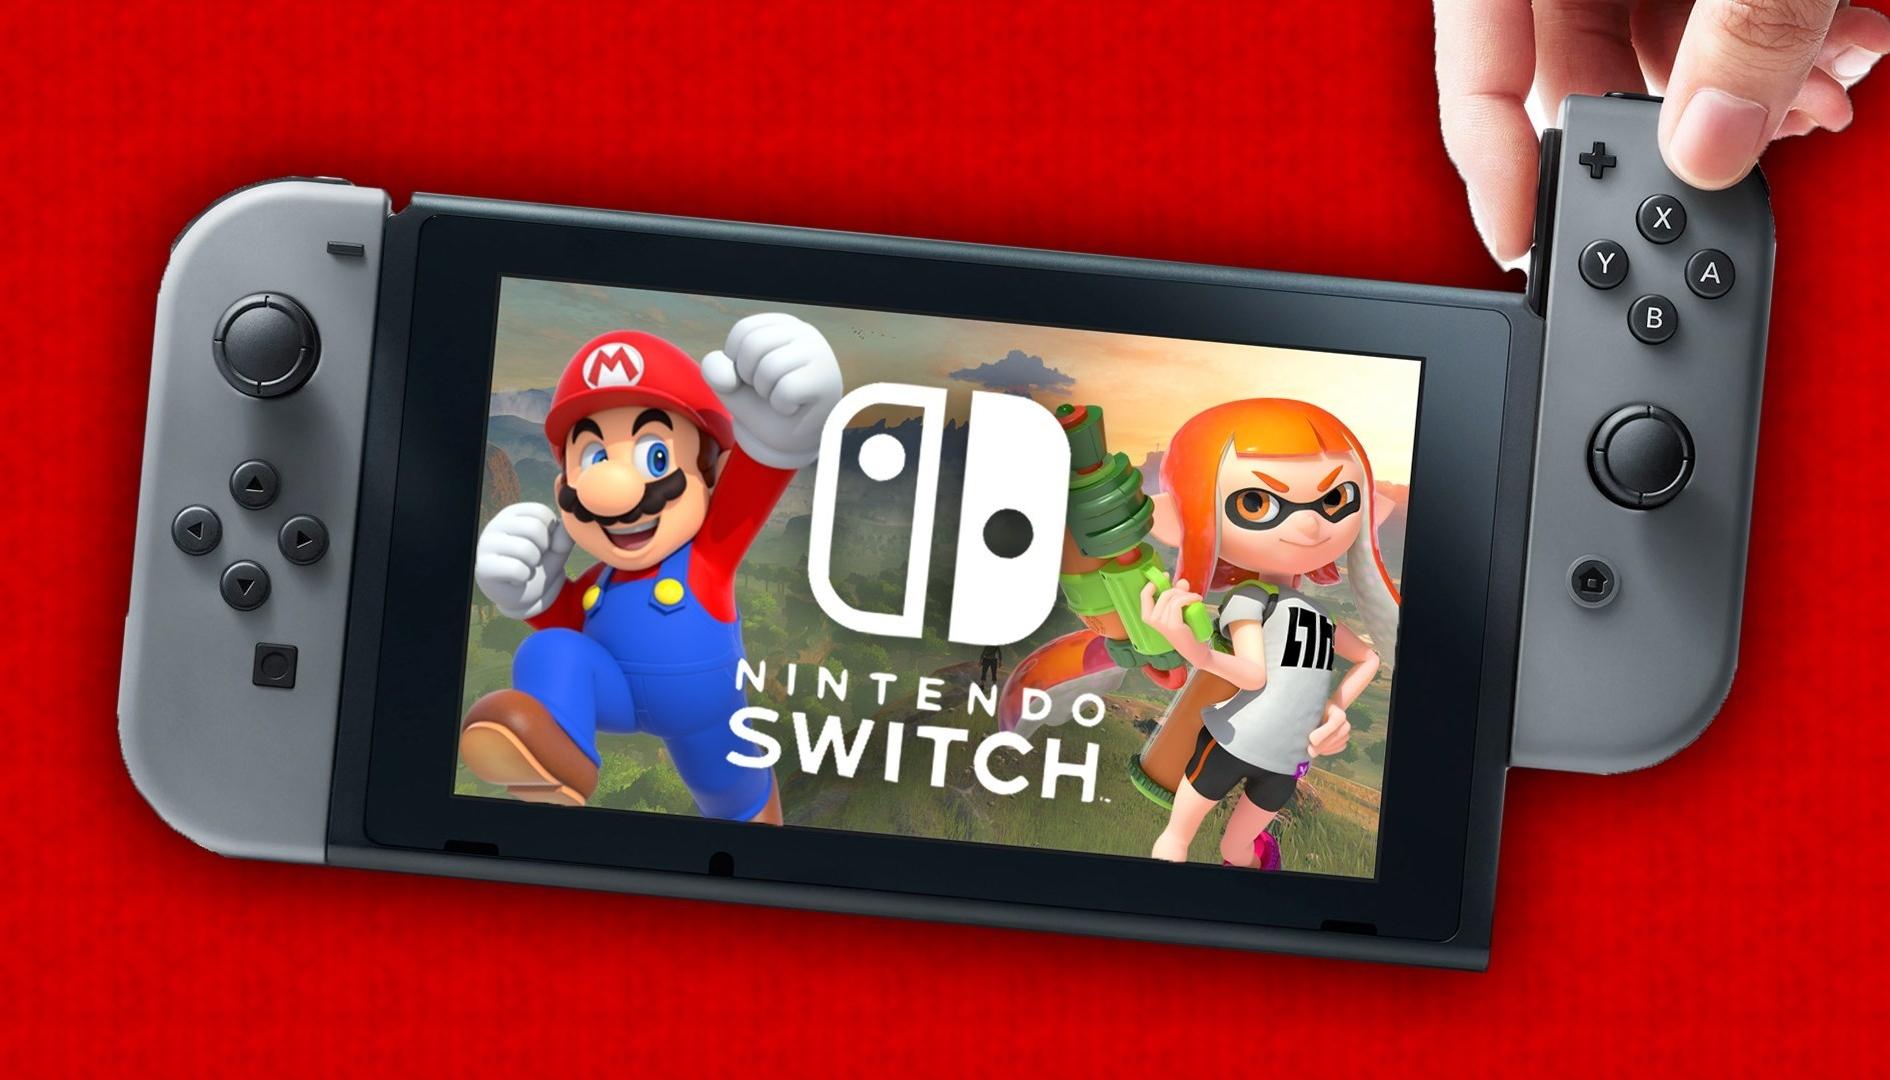 Nintendo Switch: il mercato console si sta espandendo grazie all'ibrida targata Nintendo